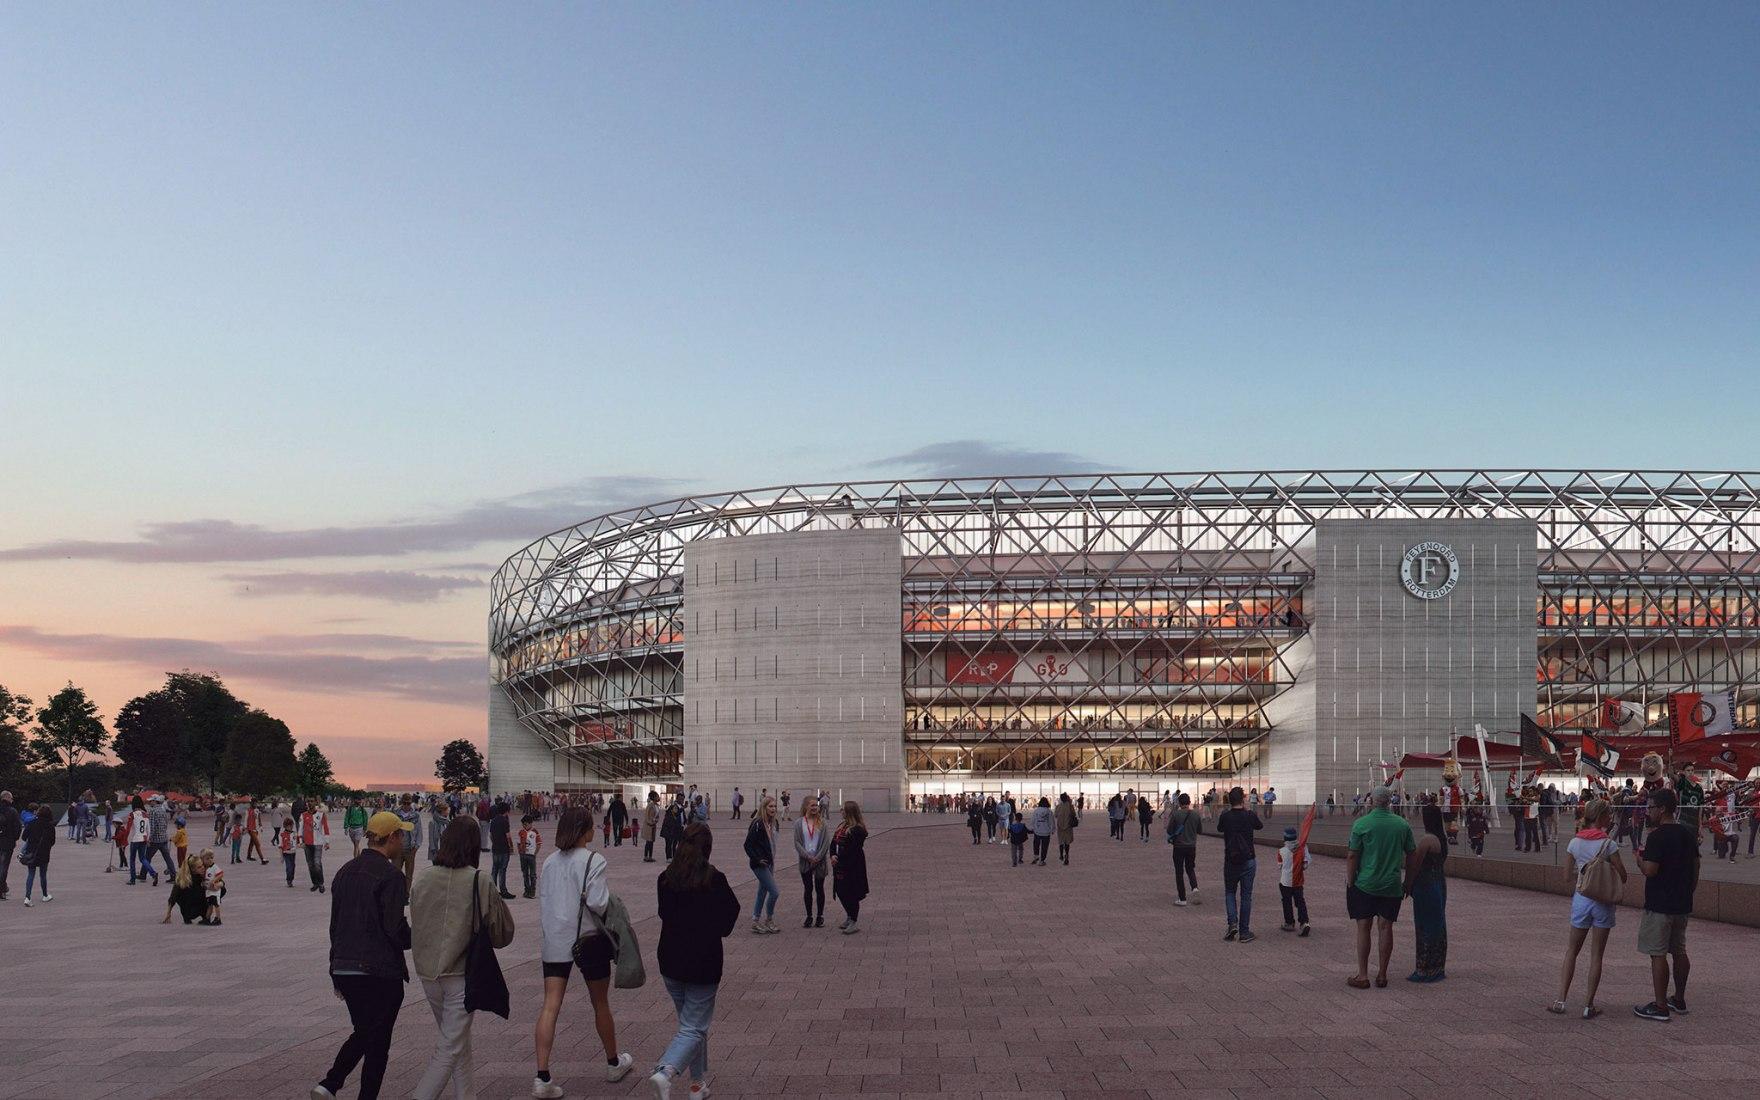 New Feyenoord Stadium by OMA. Image courtesy of OMA, LOLA Landscape Architects and Beauty & The Bit